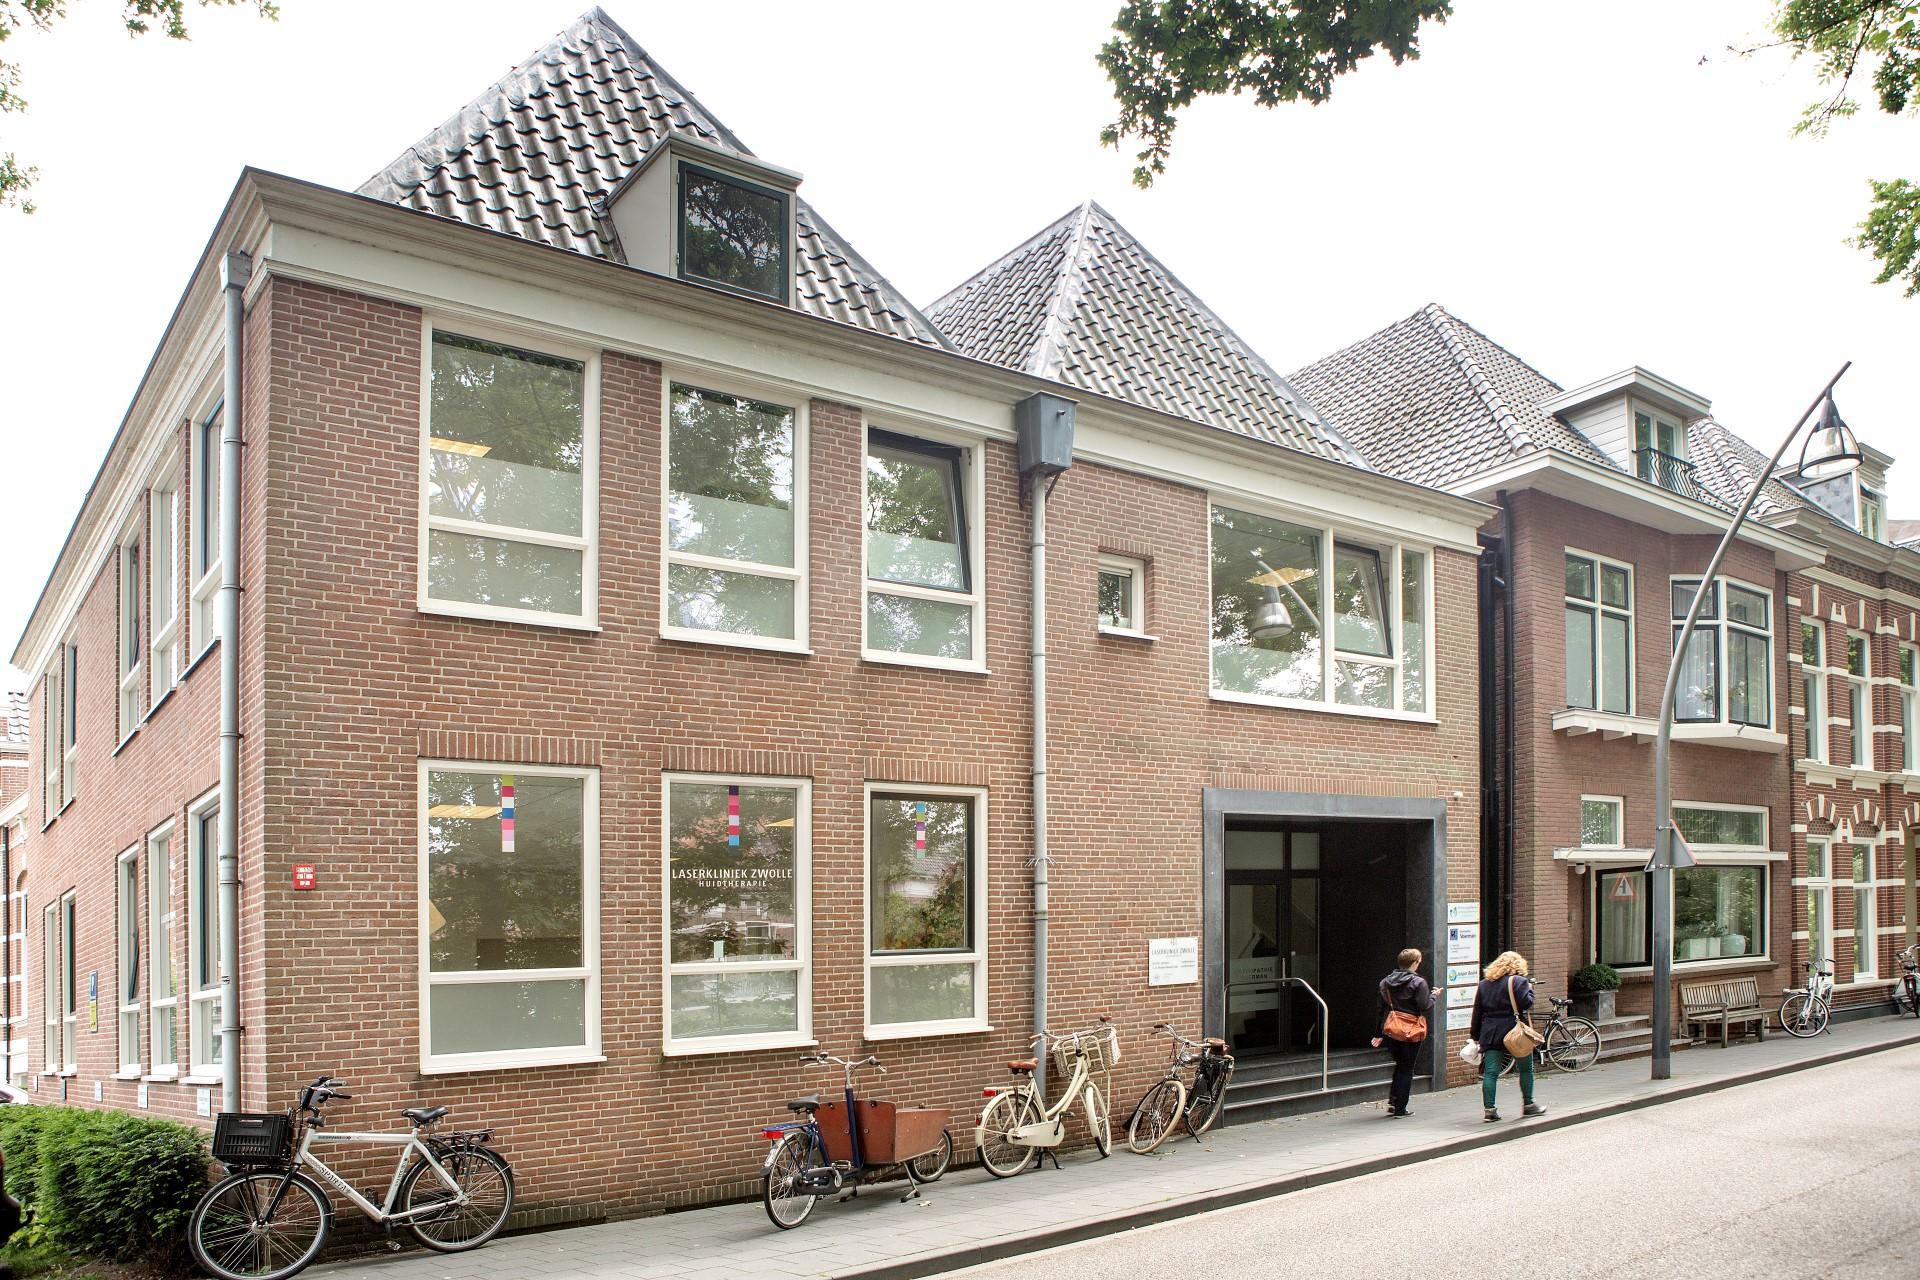 Open dag bij Laserkliniek Zwolle een daverend succes!